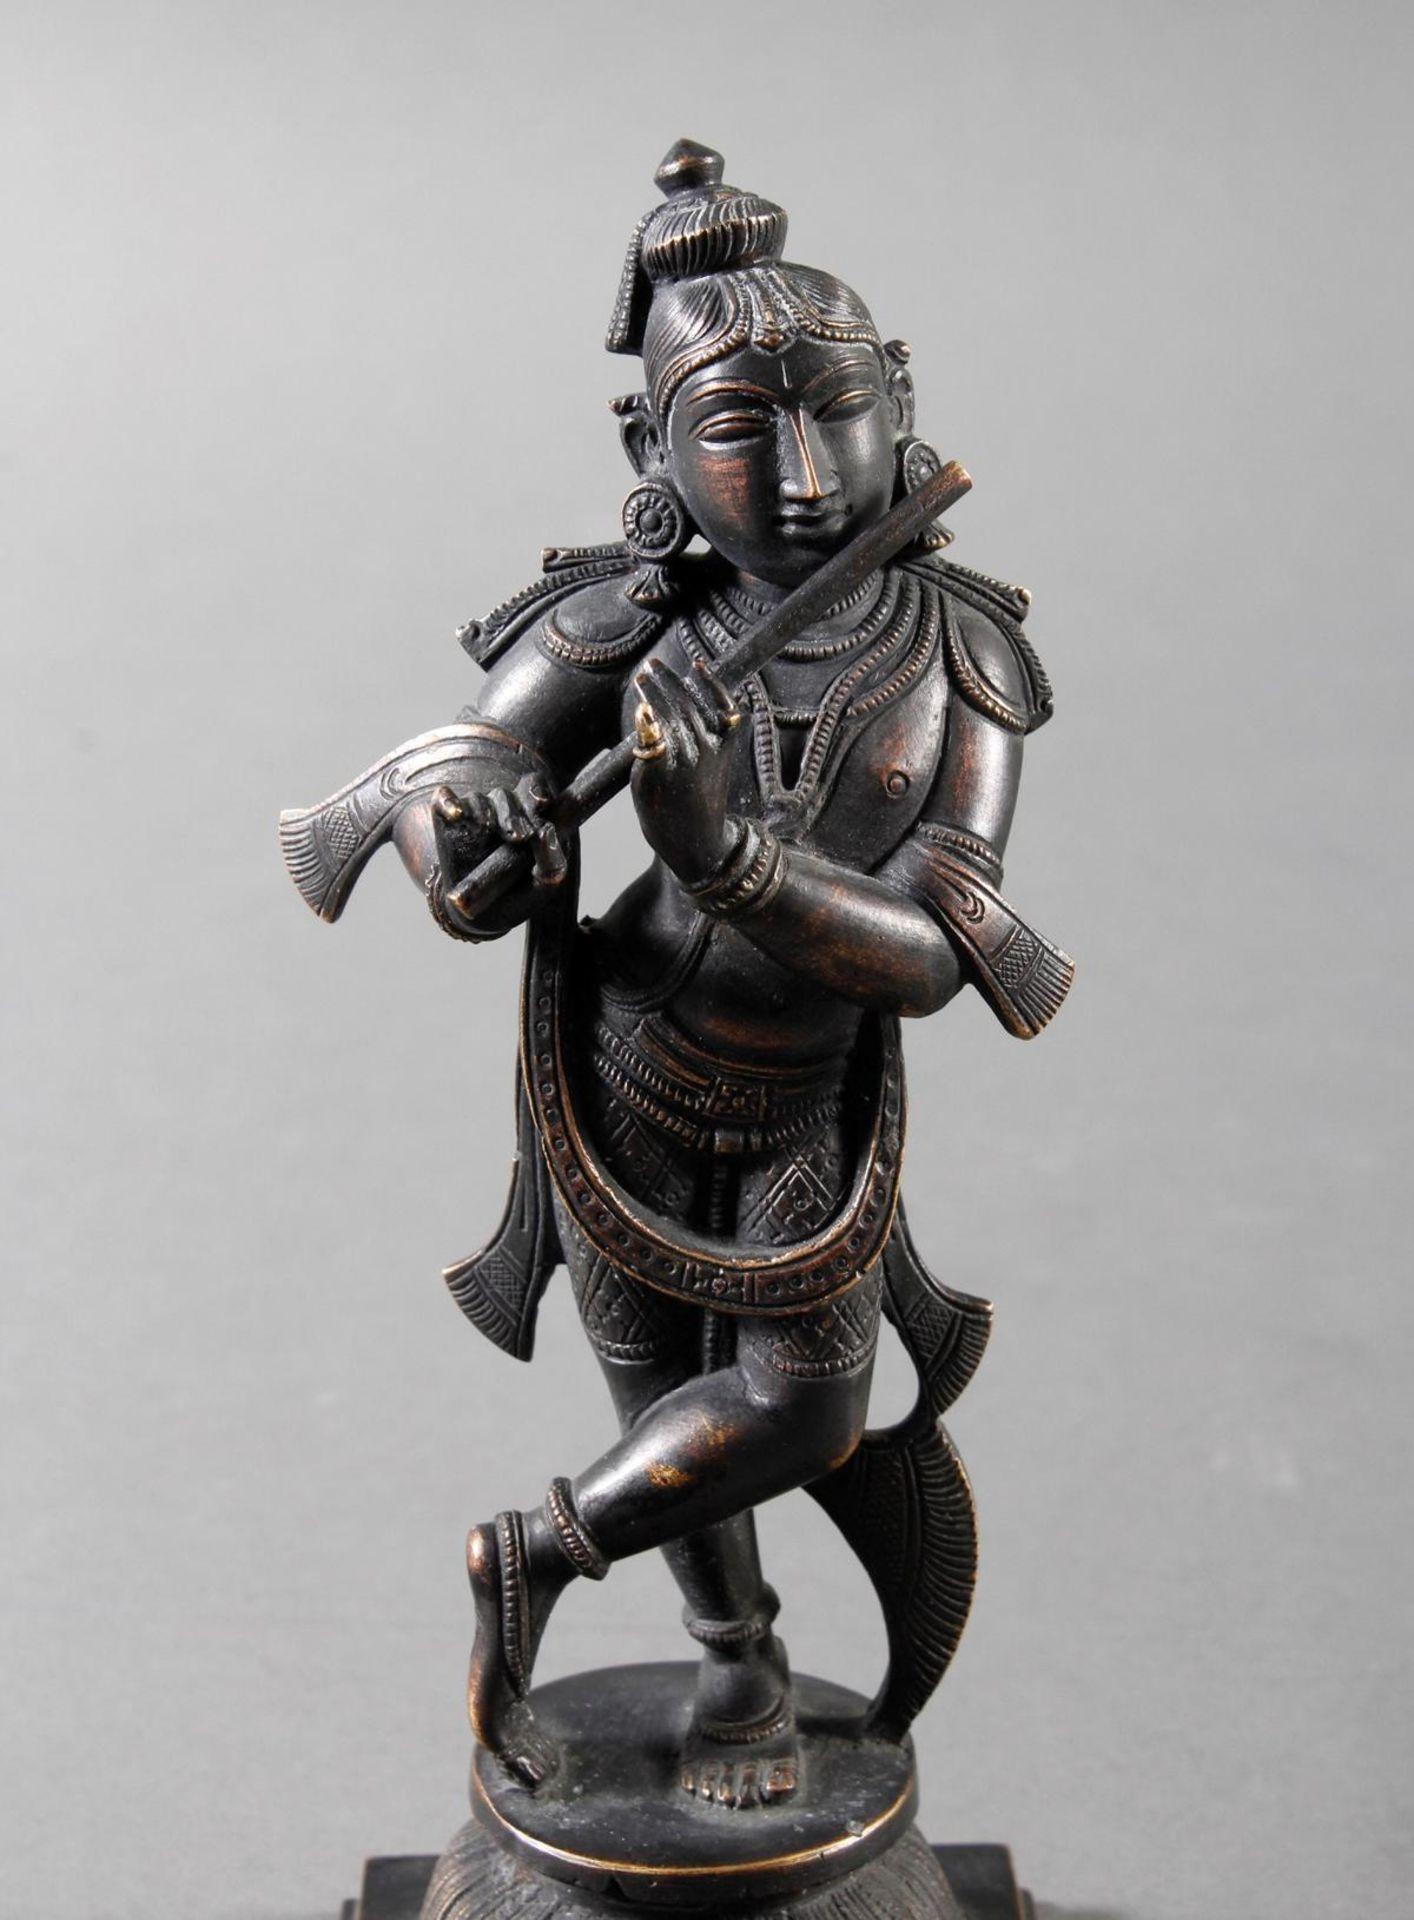 Flötespielende Göttheit auf einem Lotospodest stehend Indien 19. / 20. Jahrhundert - Bild 6 aus 8